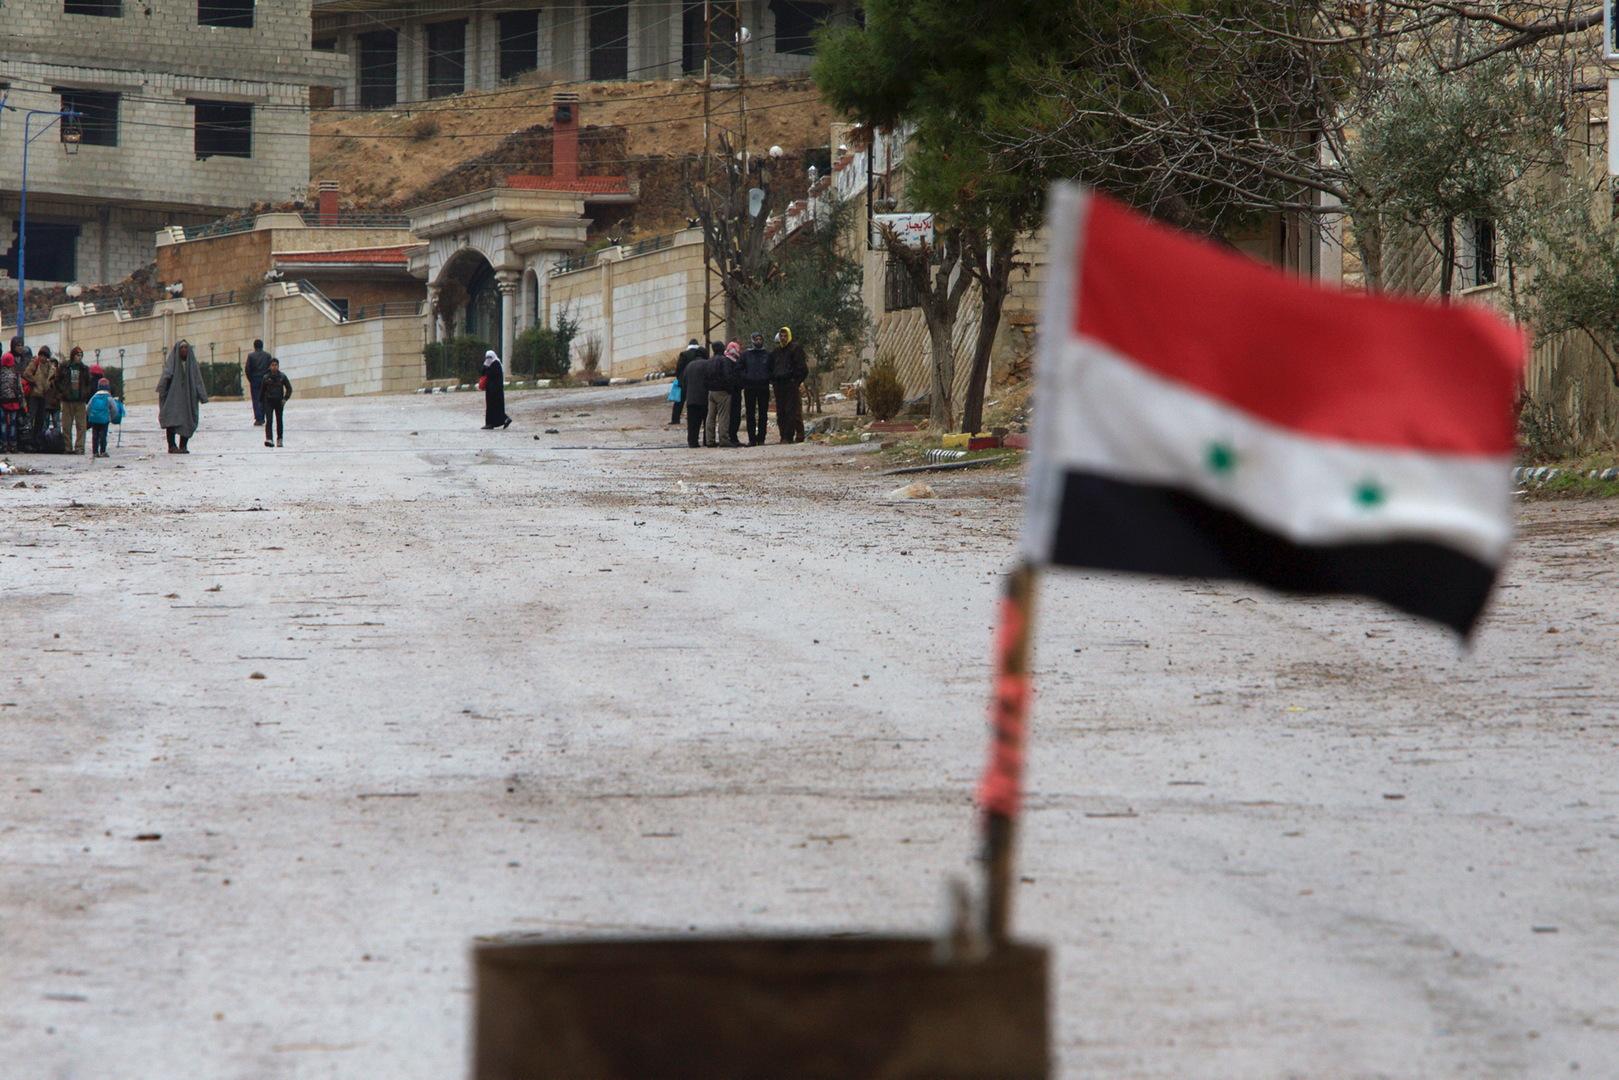 مسلح معتقل لدى الجيش السوري: تلقينا تدريبات تحت إشراف أمريكيين